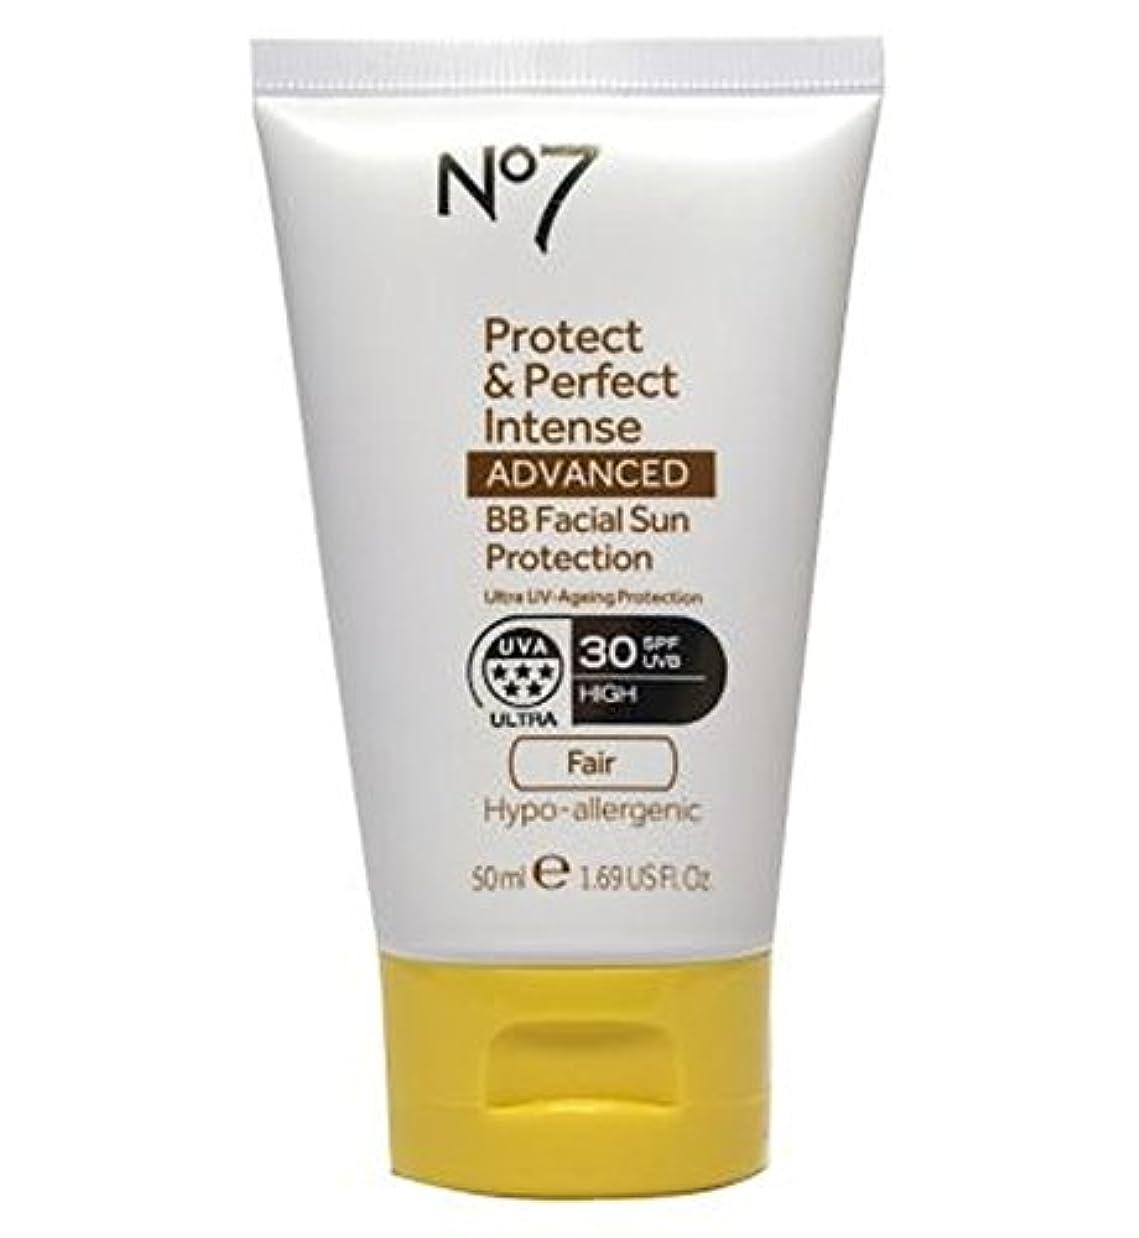 受付行く適応的No7保護&完璧な強烈な先進Bb顔の日焼け防止Spf30ライト50ミリリットル (No7) (x2) - No7 Protect & Perfect Intense ADVANCED BB Facial Sun Protection SPF30 Light 50ml (Pack of 2) [並行輸入品]